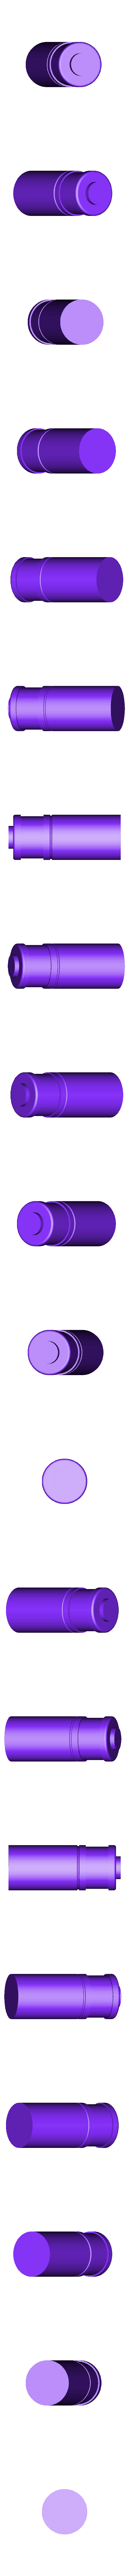 Shell_1.stl Télécharger fichier STL gratuit Borderlands Bandit Room Clener Shotgun • Modèle pour impression 3D, Dsk